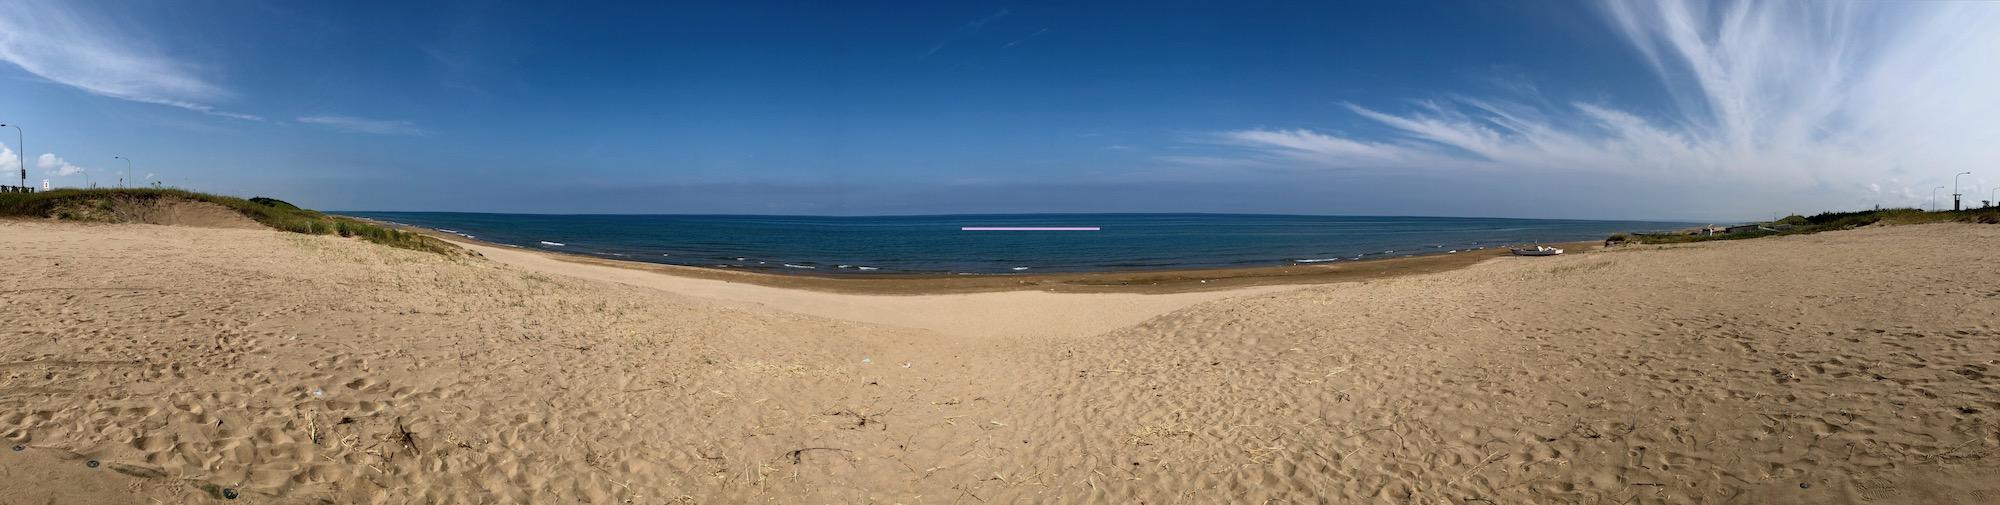 のと里山海道の高松サービスエリアから見る海と砂浜のパノラマ景色